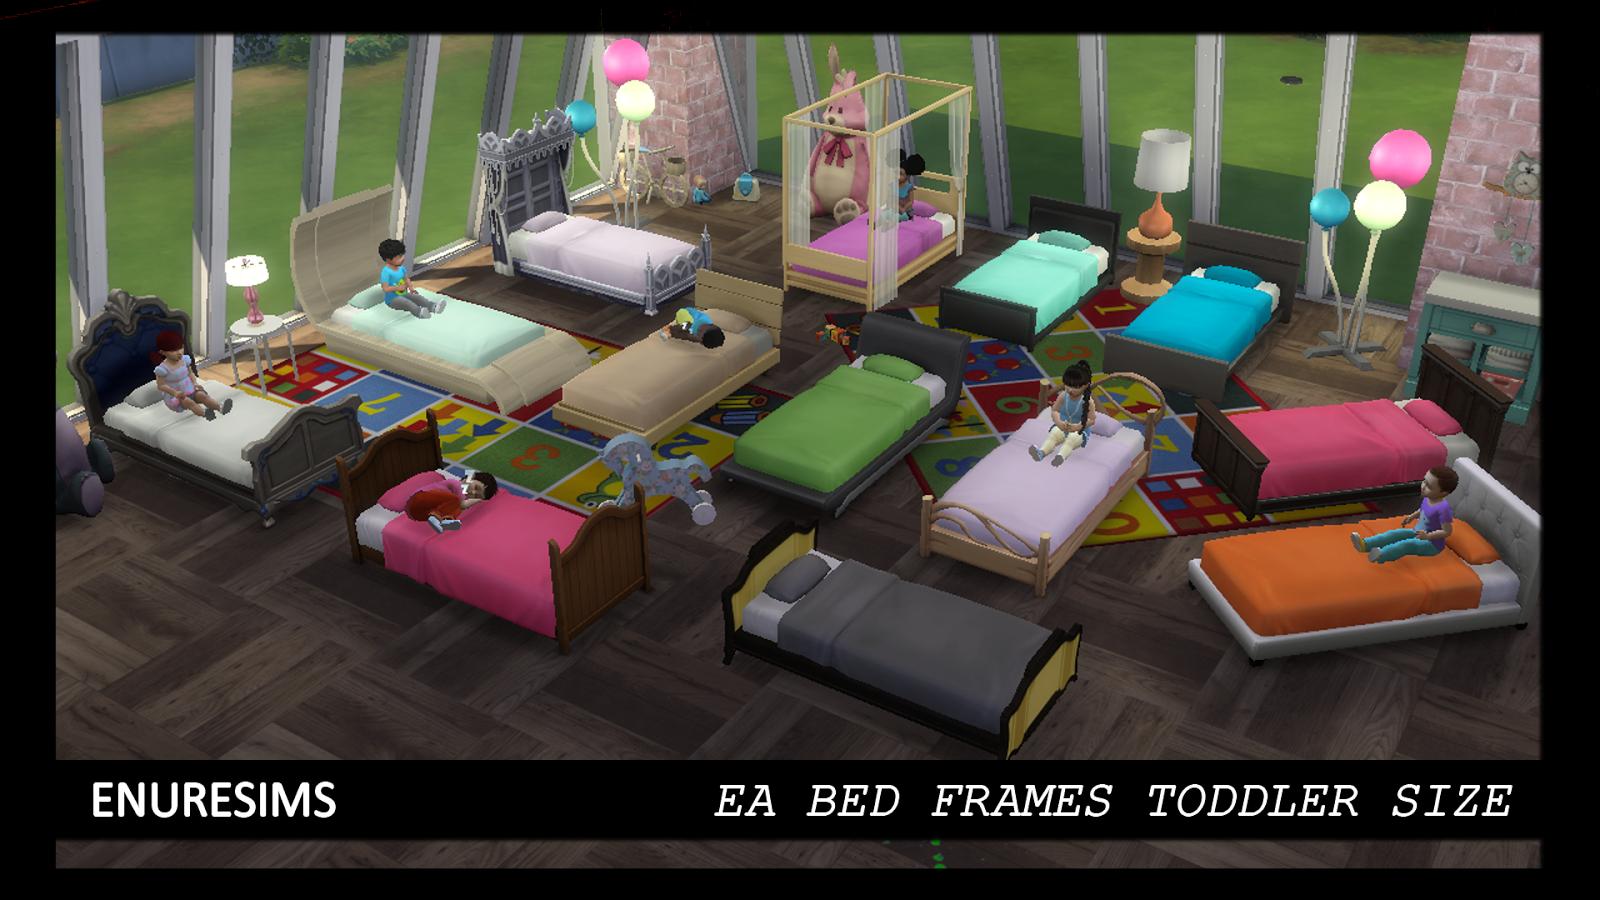 Ea Bed Frames Toddler Size | Enure Sims